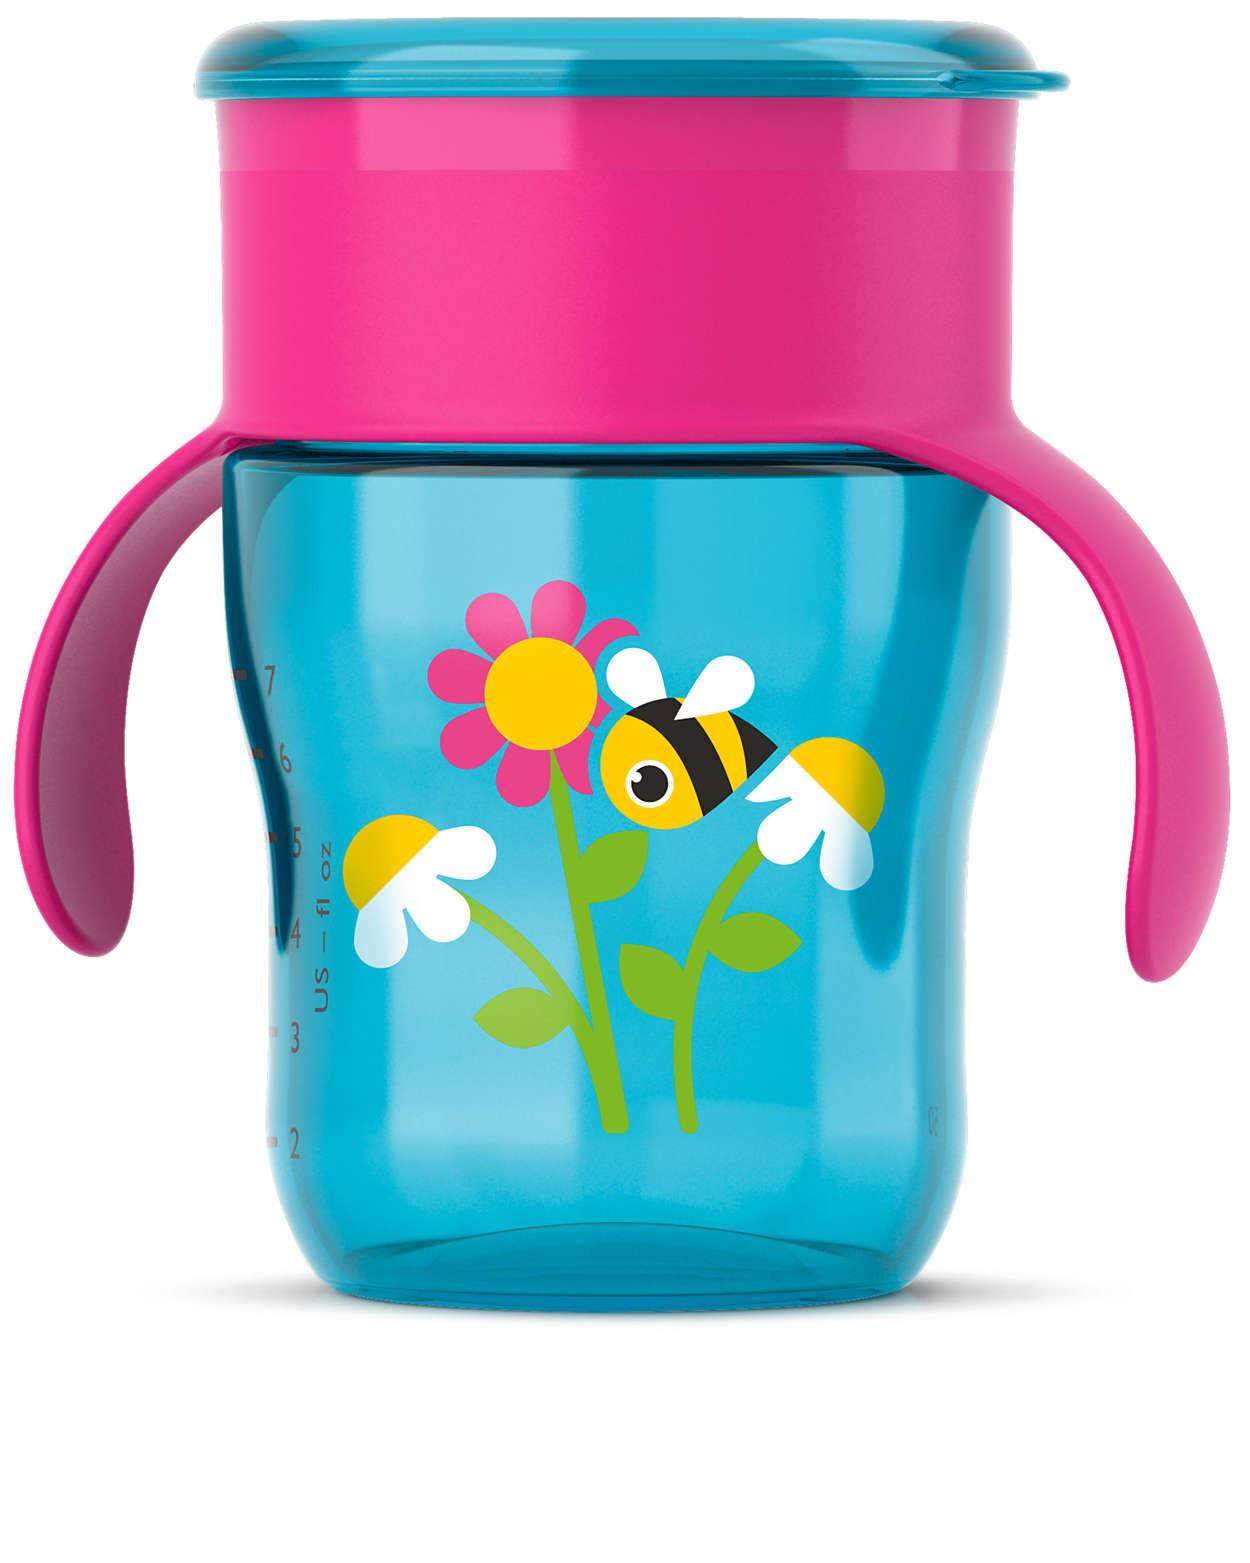 Hỗ trợ bé chuyển sang giai đoạn uống nước